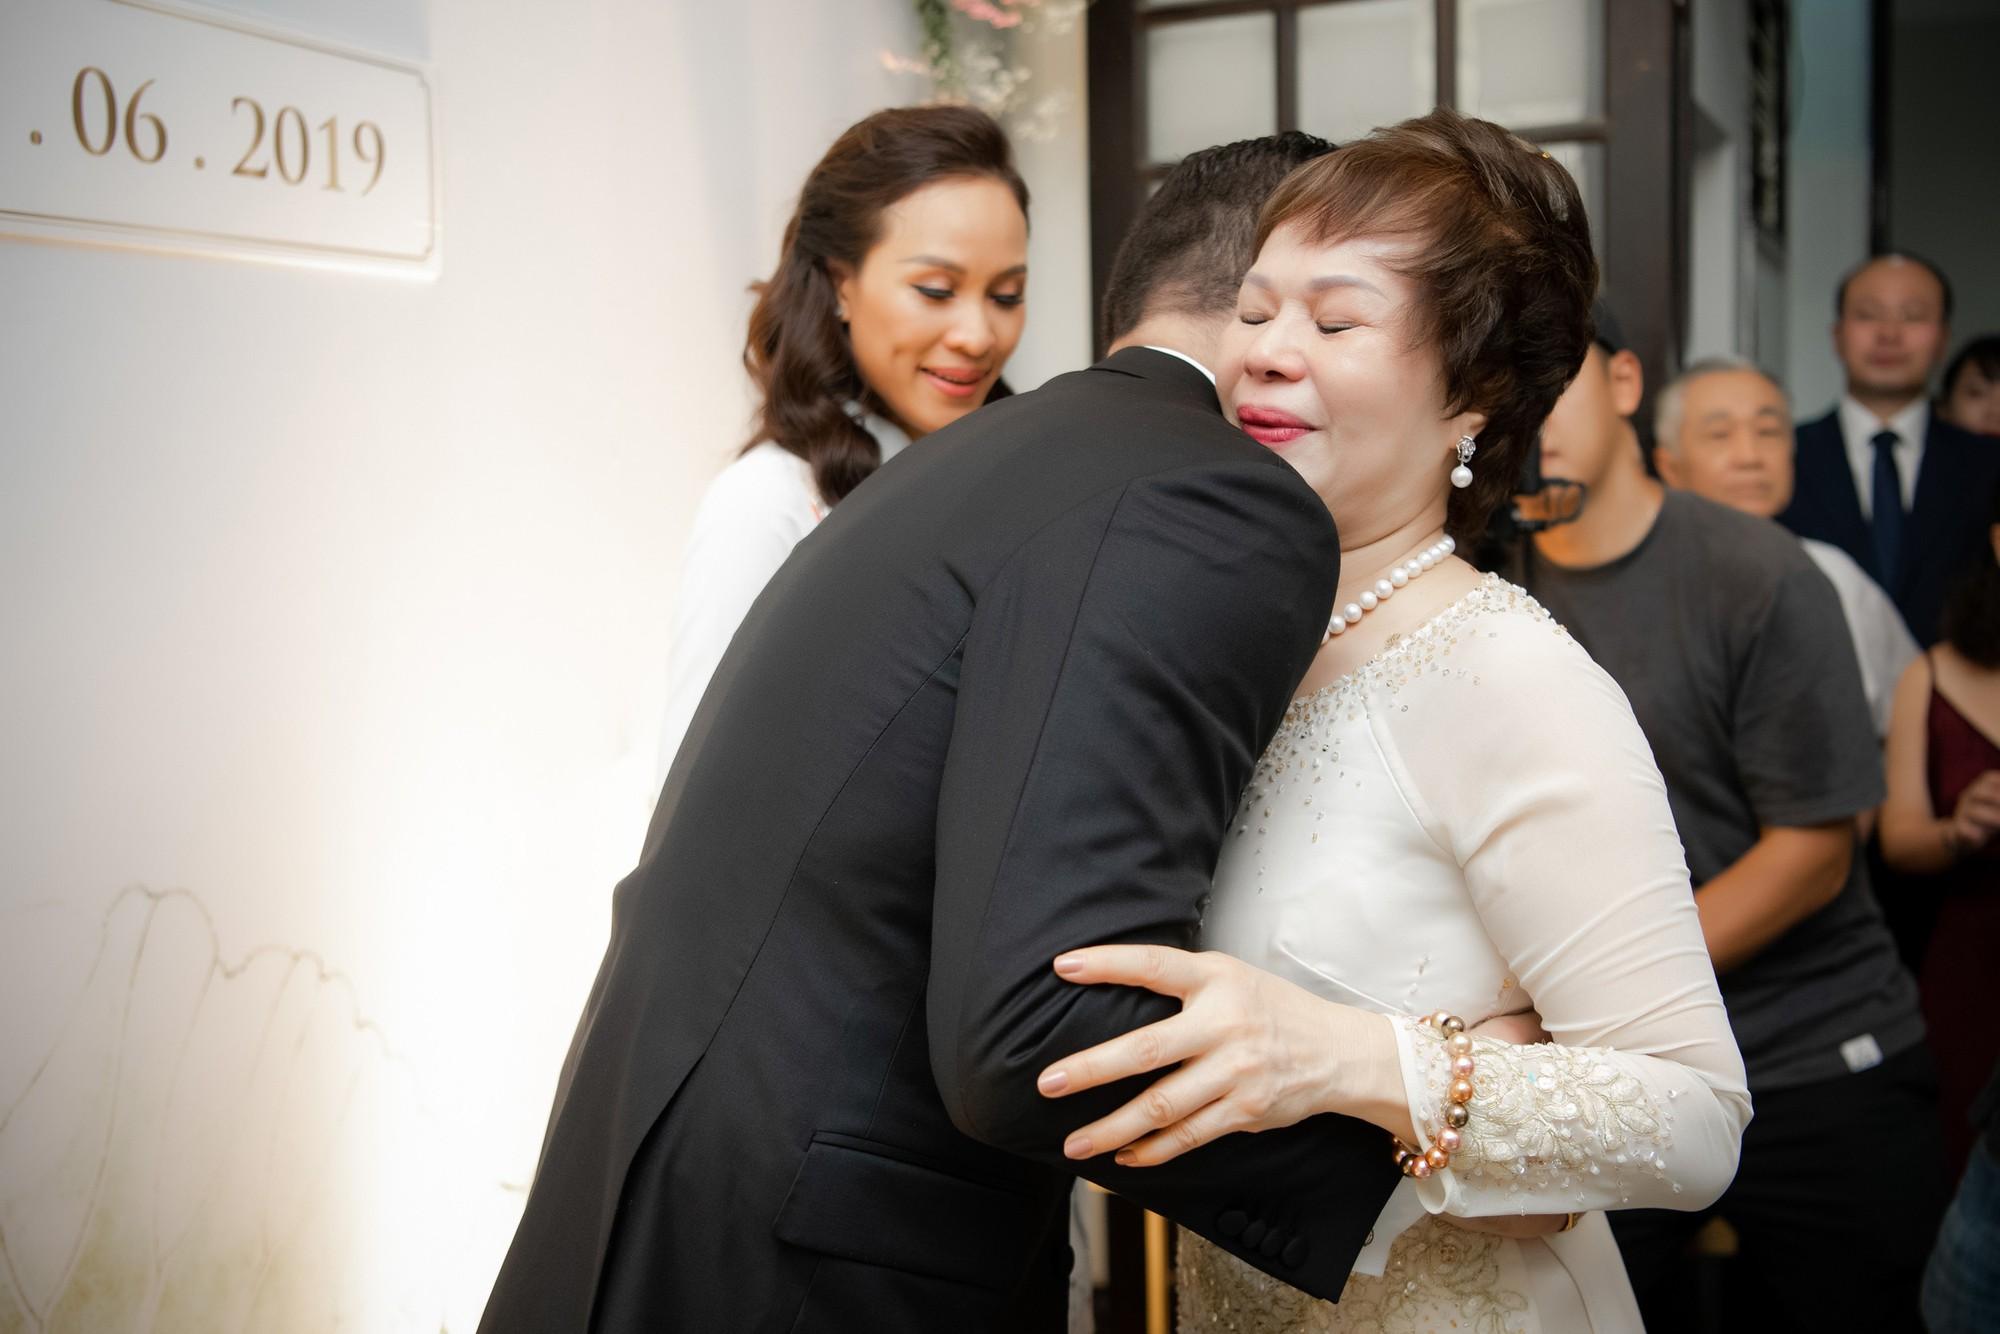 MC Phương Mai bật khóc xúc động, khoá môi ông xã Tây ngọt ngào trong ngày lên xe hoa về nhà chồng - Ảnh 3.